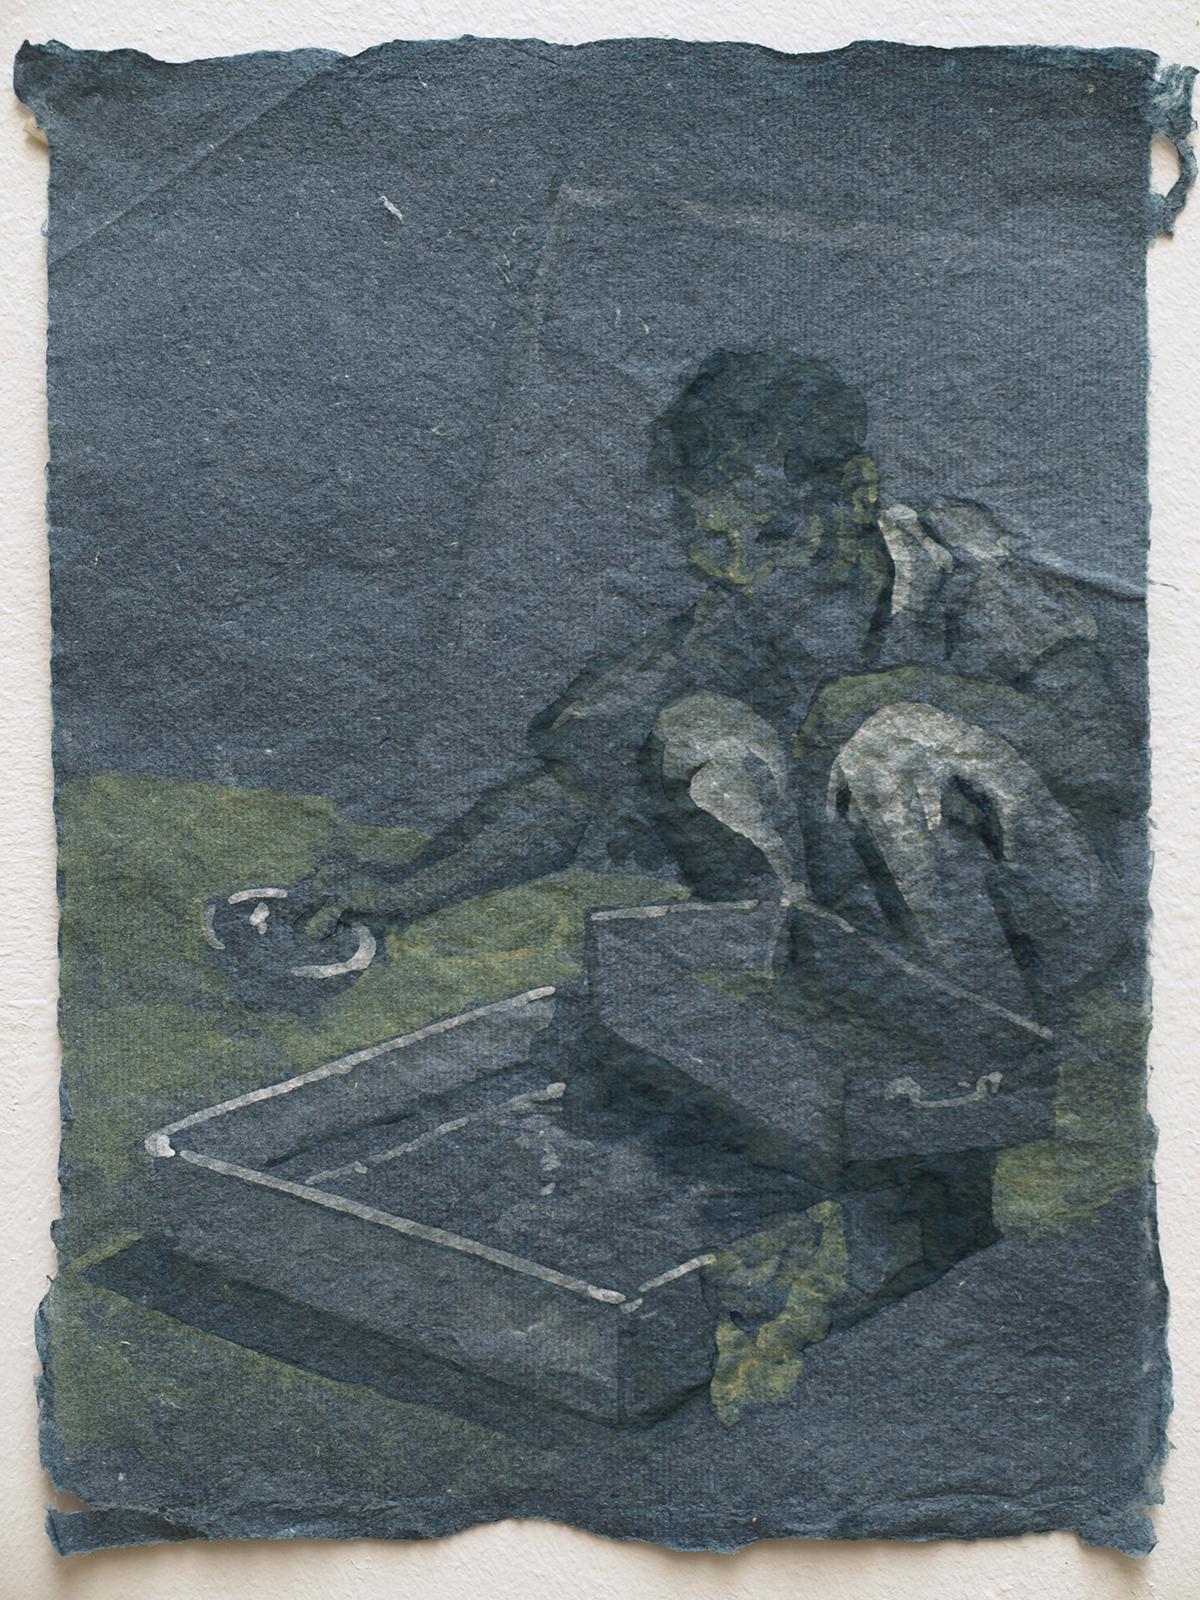 He Xiu Jun making paper, 2011